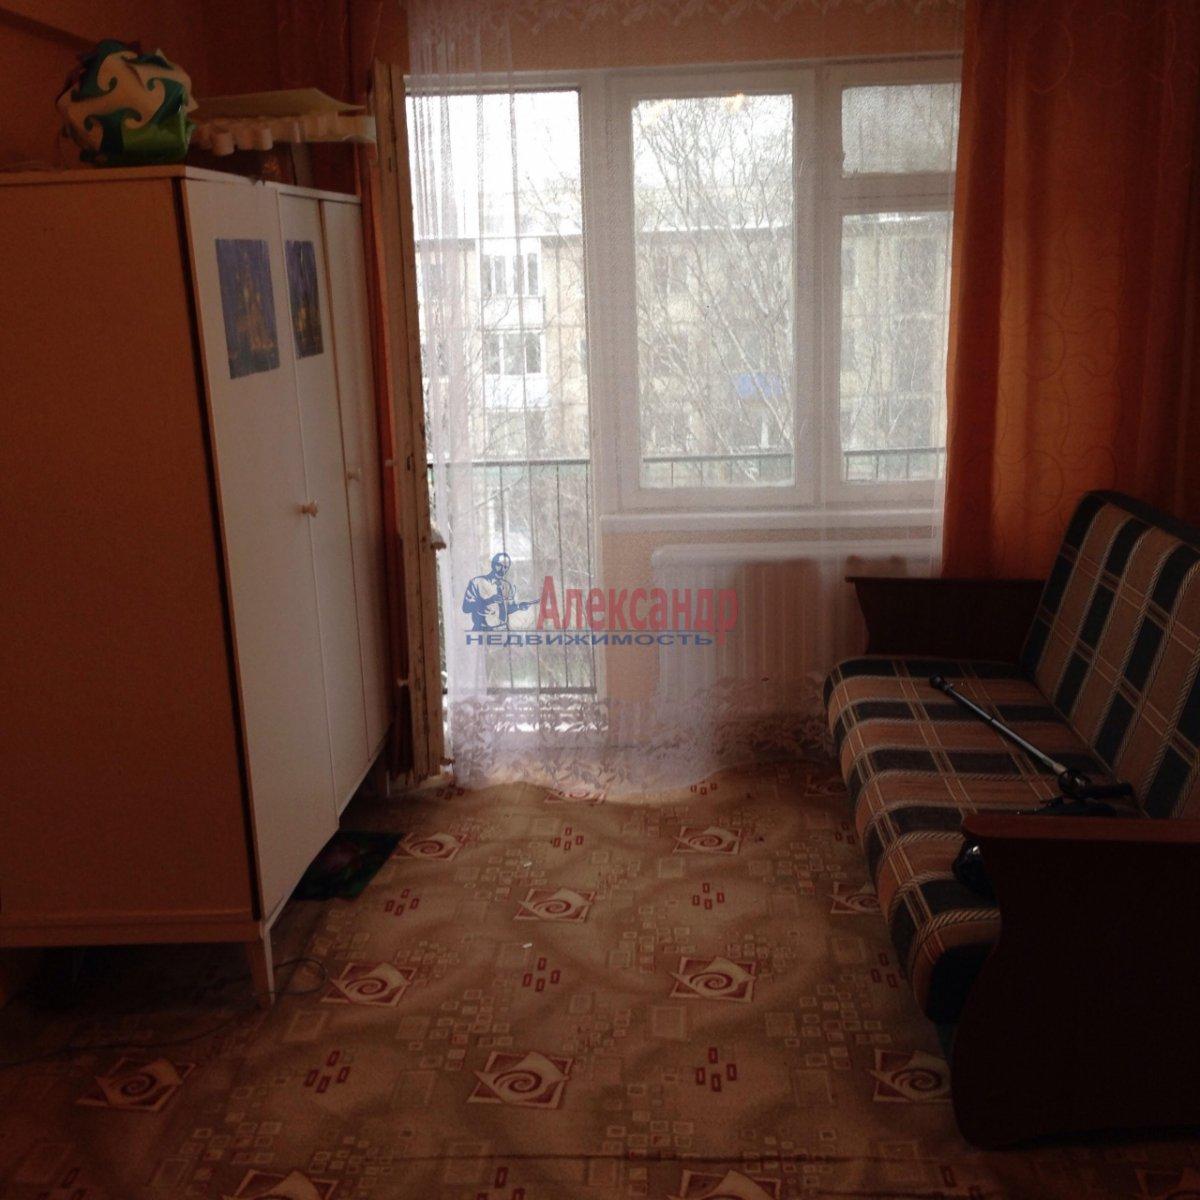 1-комнатная квартира (36м2) в аренду по адресу Карпинского ул., 31— фото 2 из 7